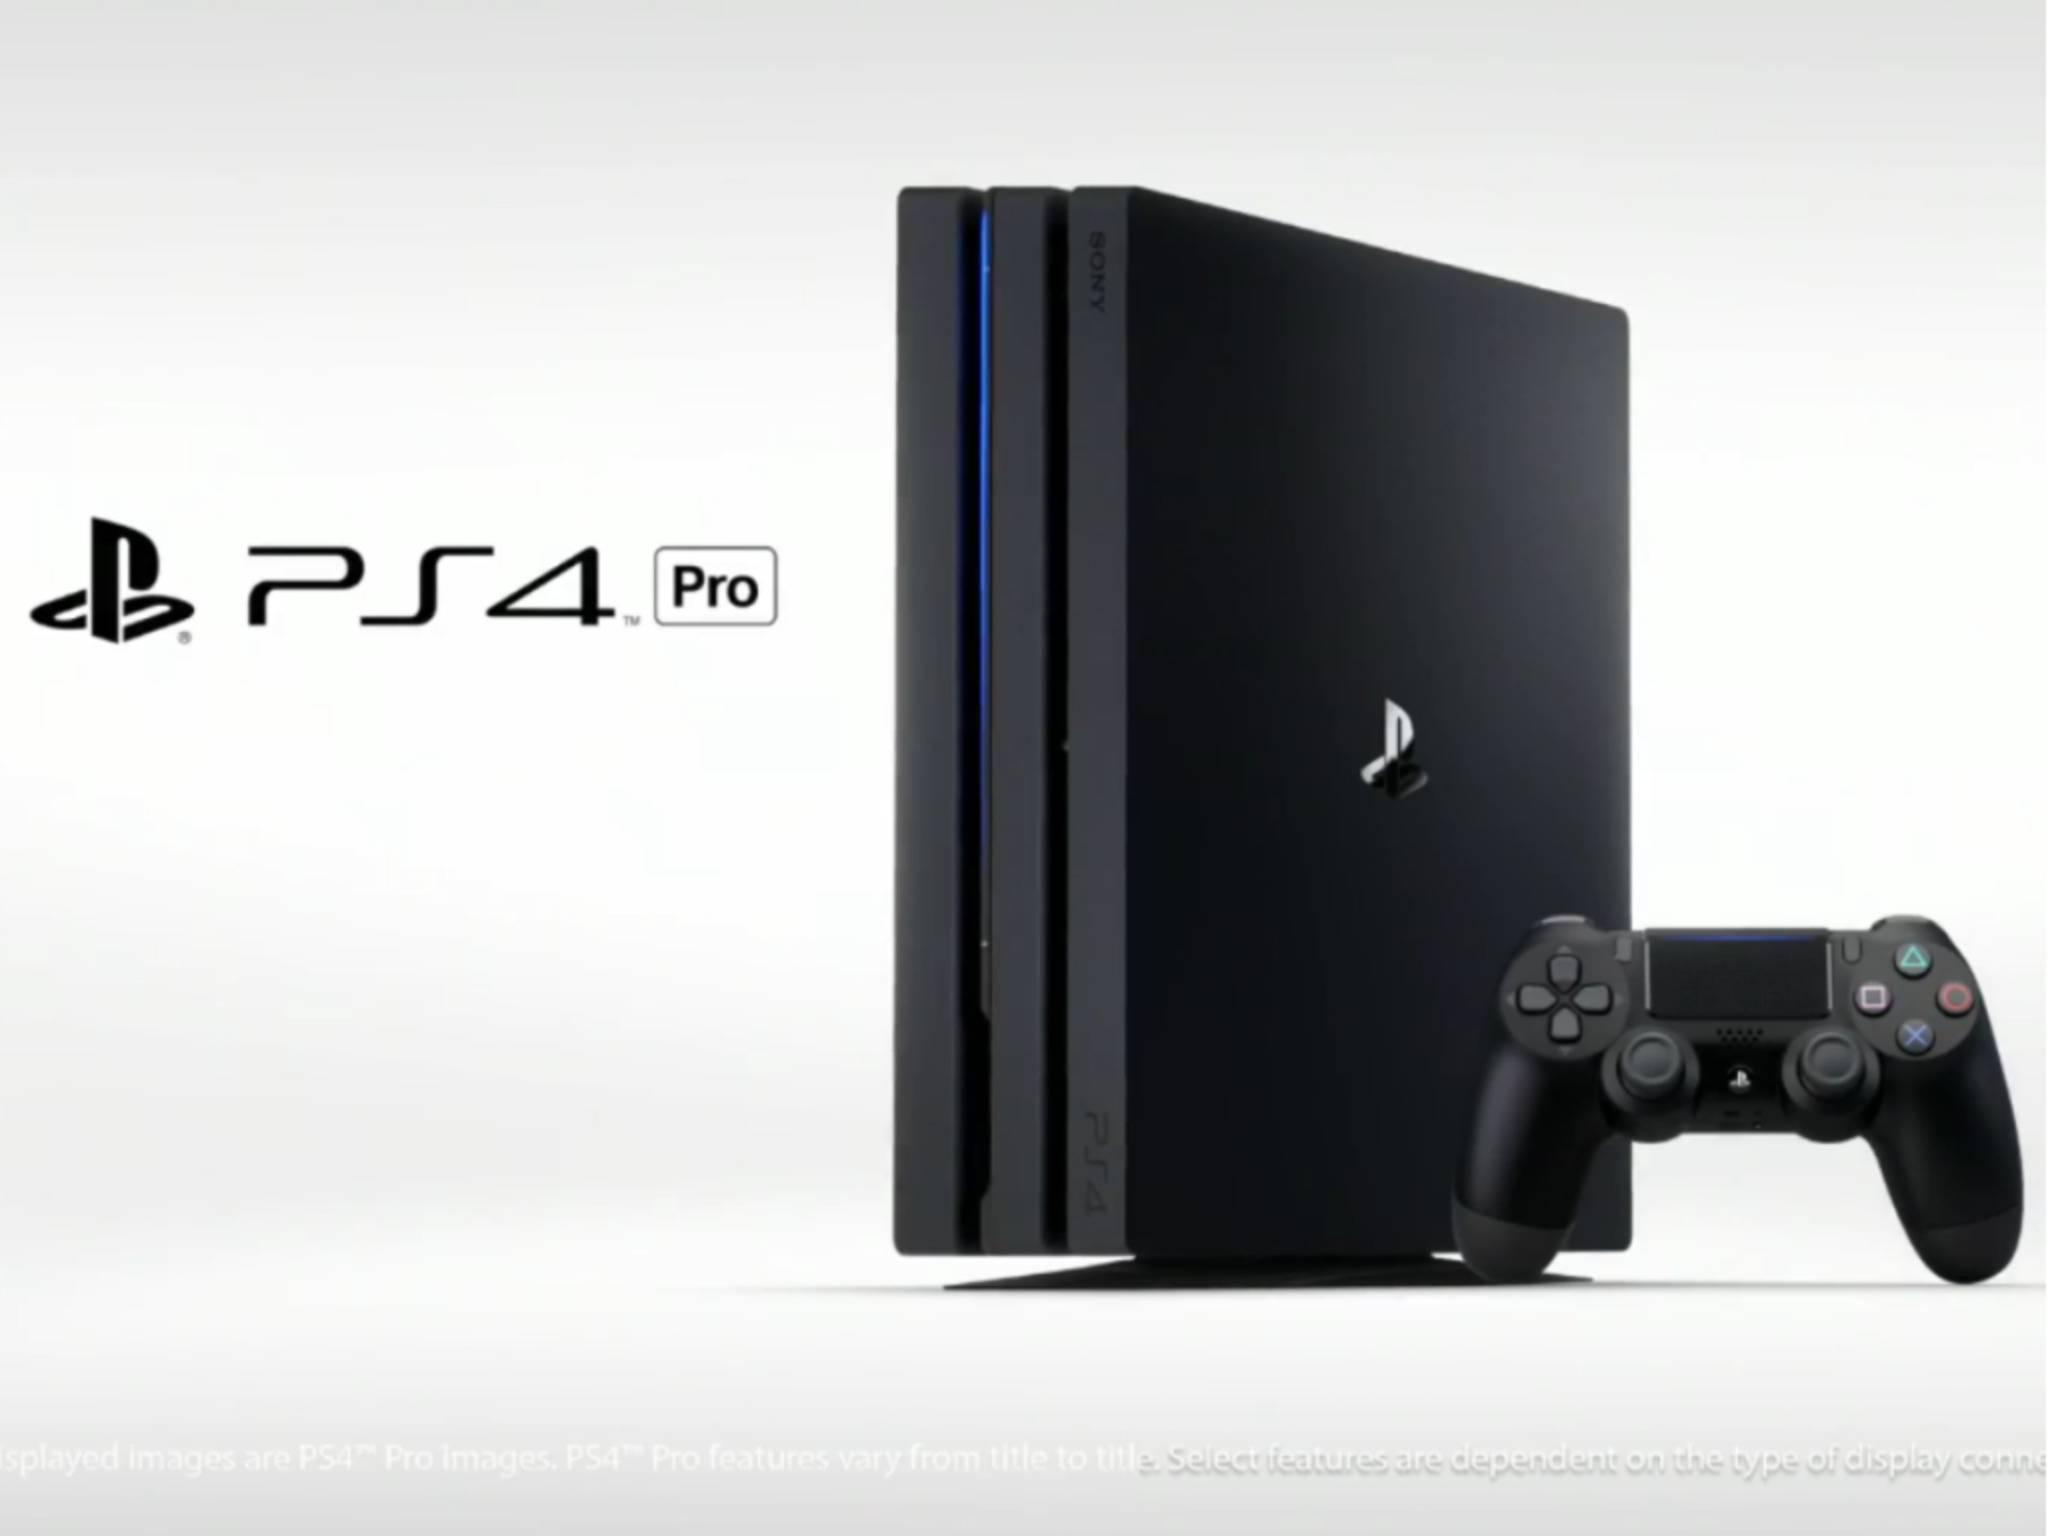 Wer noch keine PlayStation 4 hat, sollte erwägen, gleich zur PS4 Pro zu greifen.